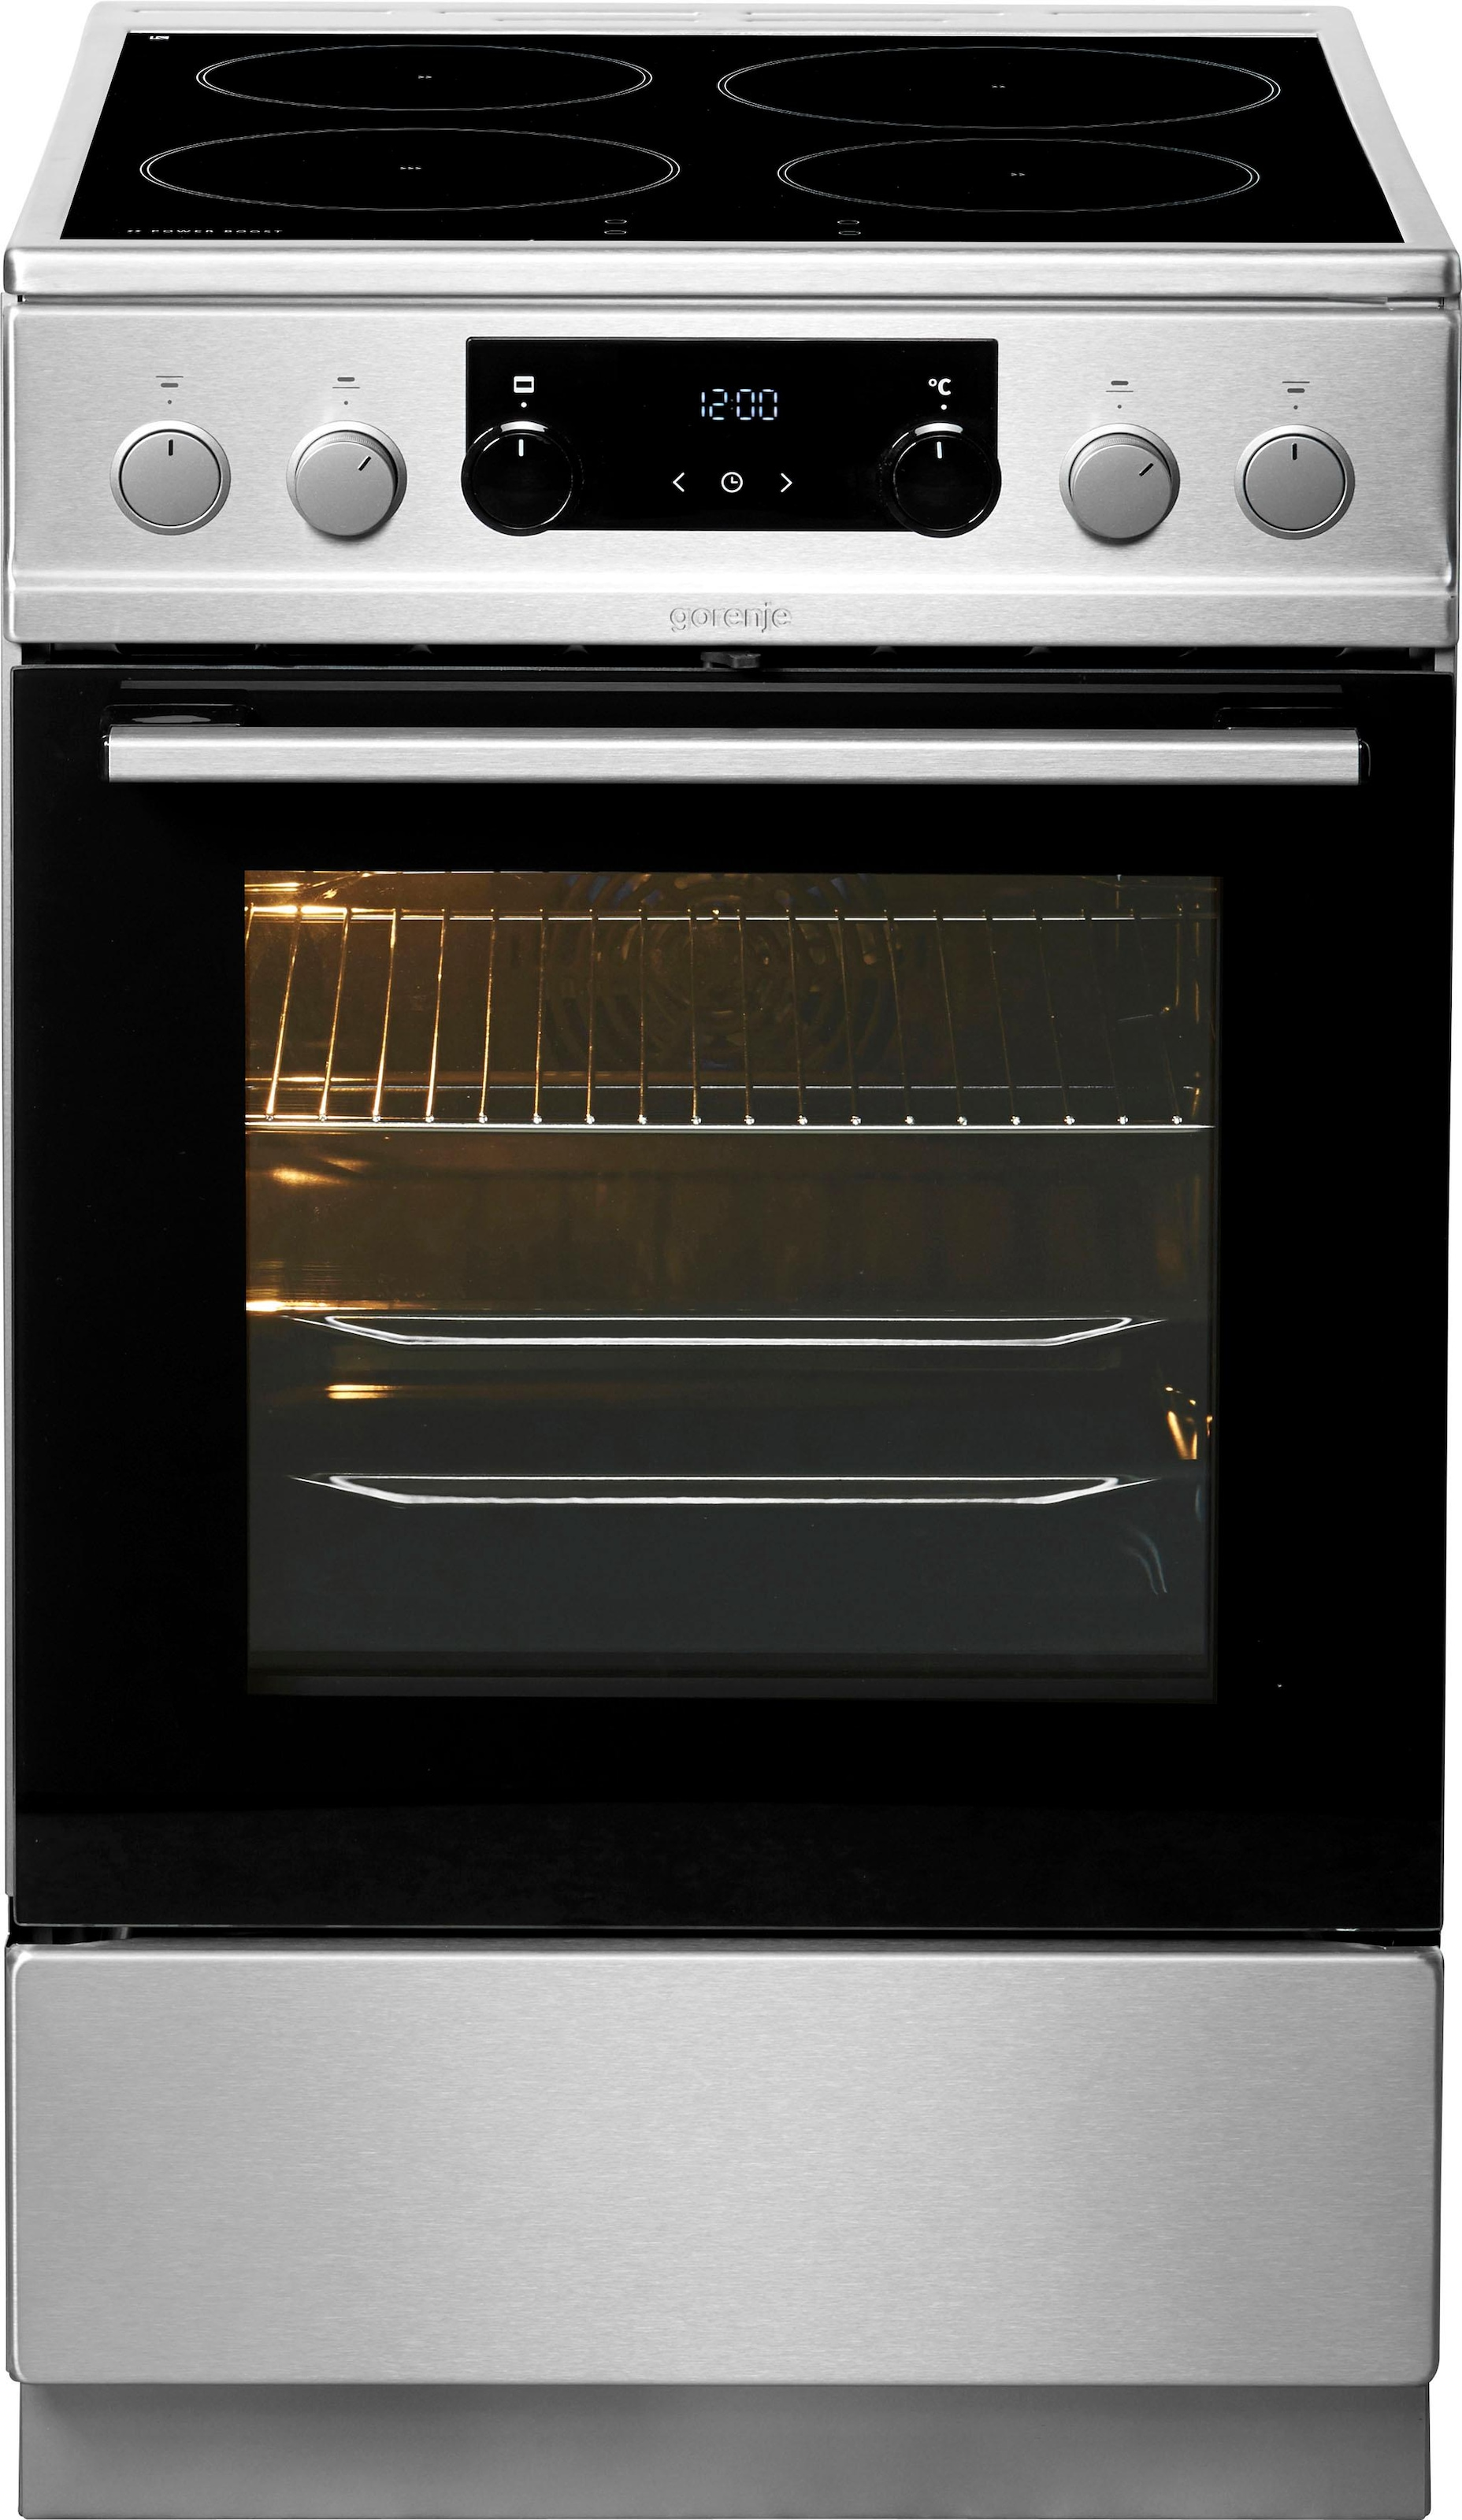 Gorenje Retro Kühlschrank Zubehör : Gorenje r brd kühlschrank test